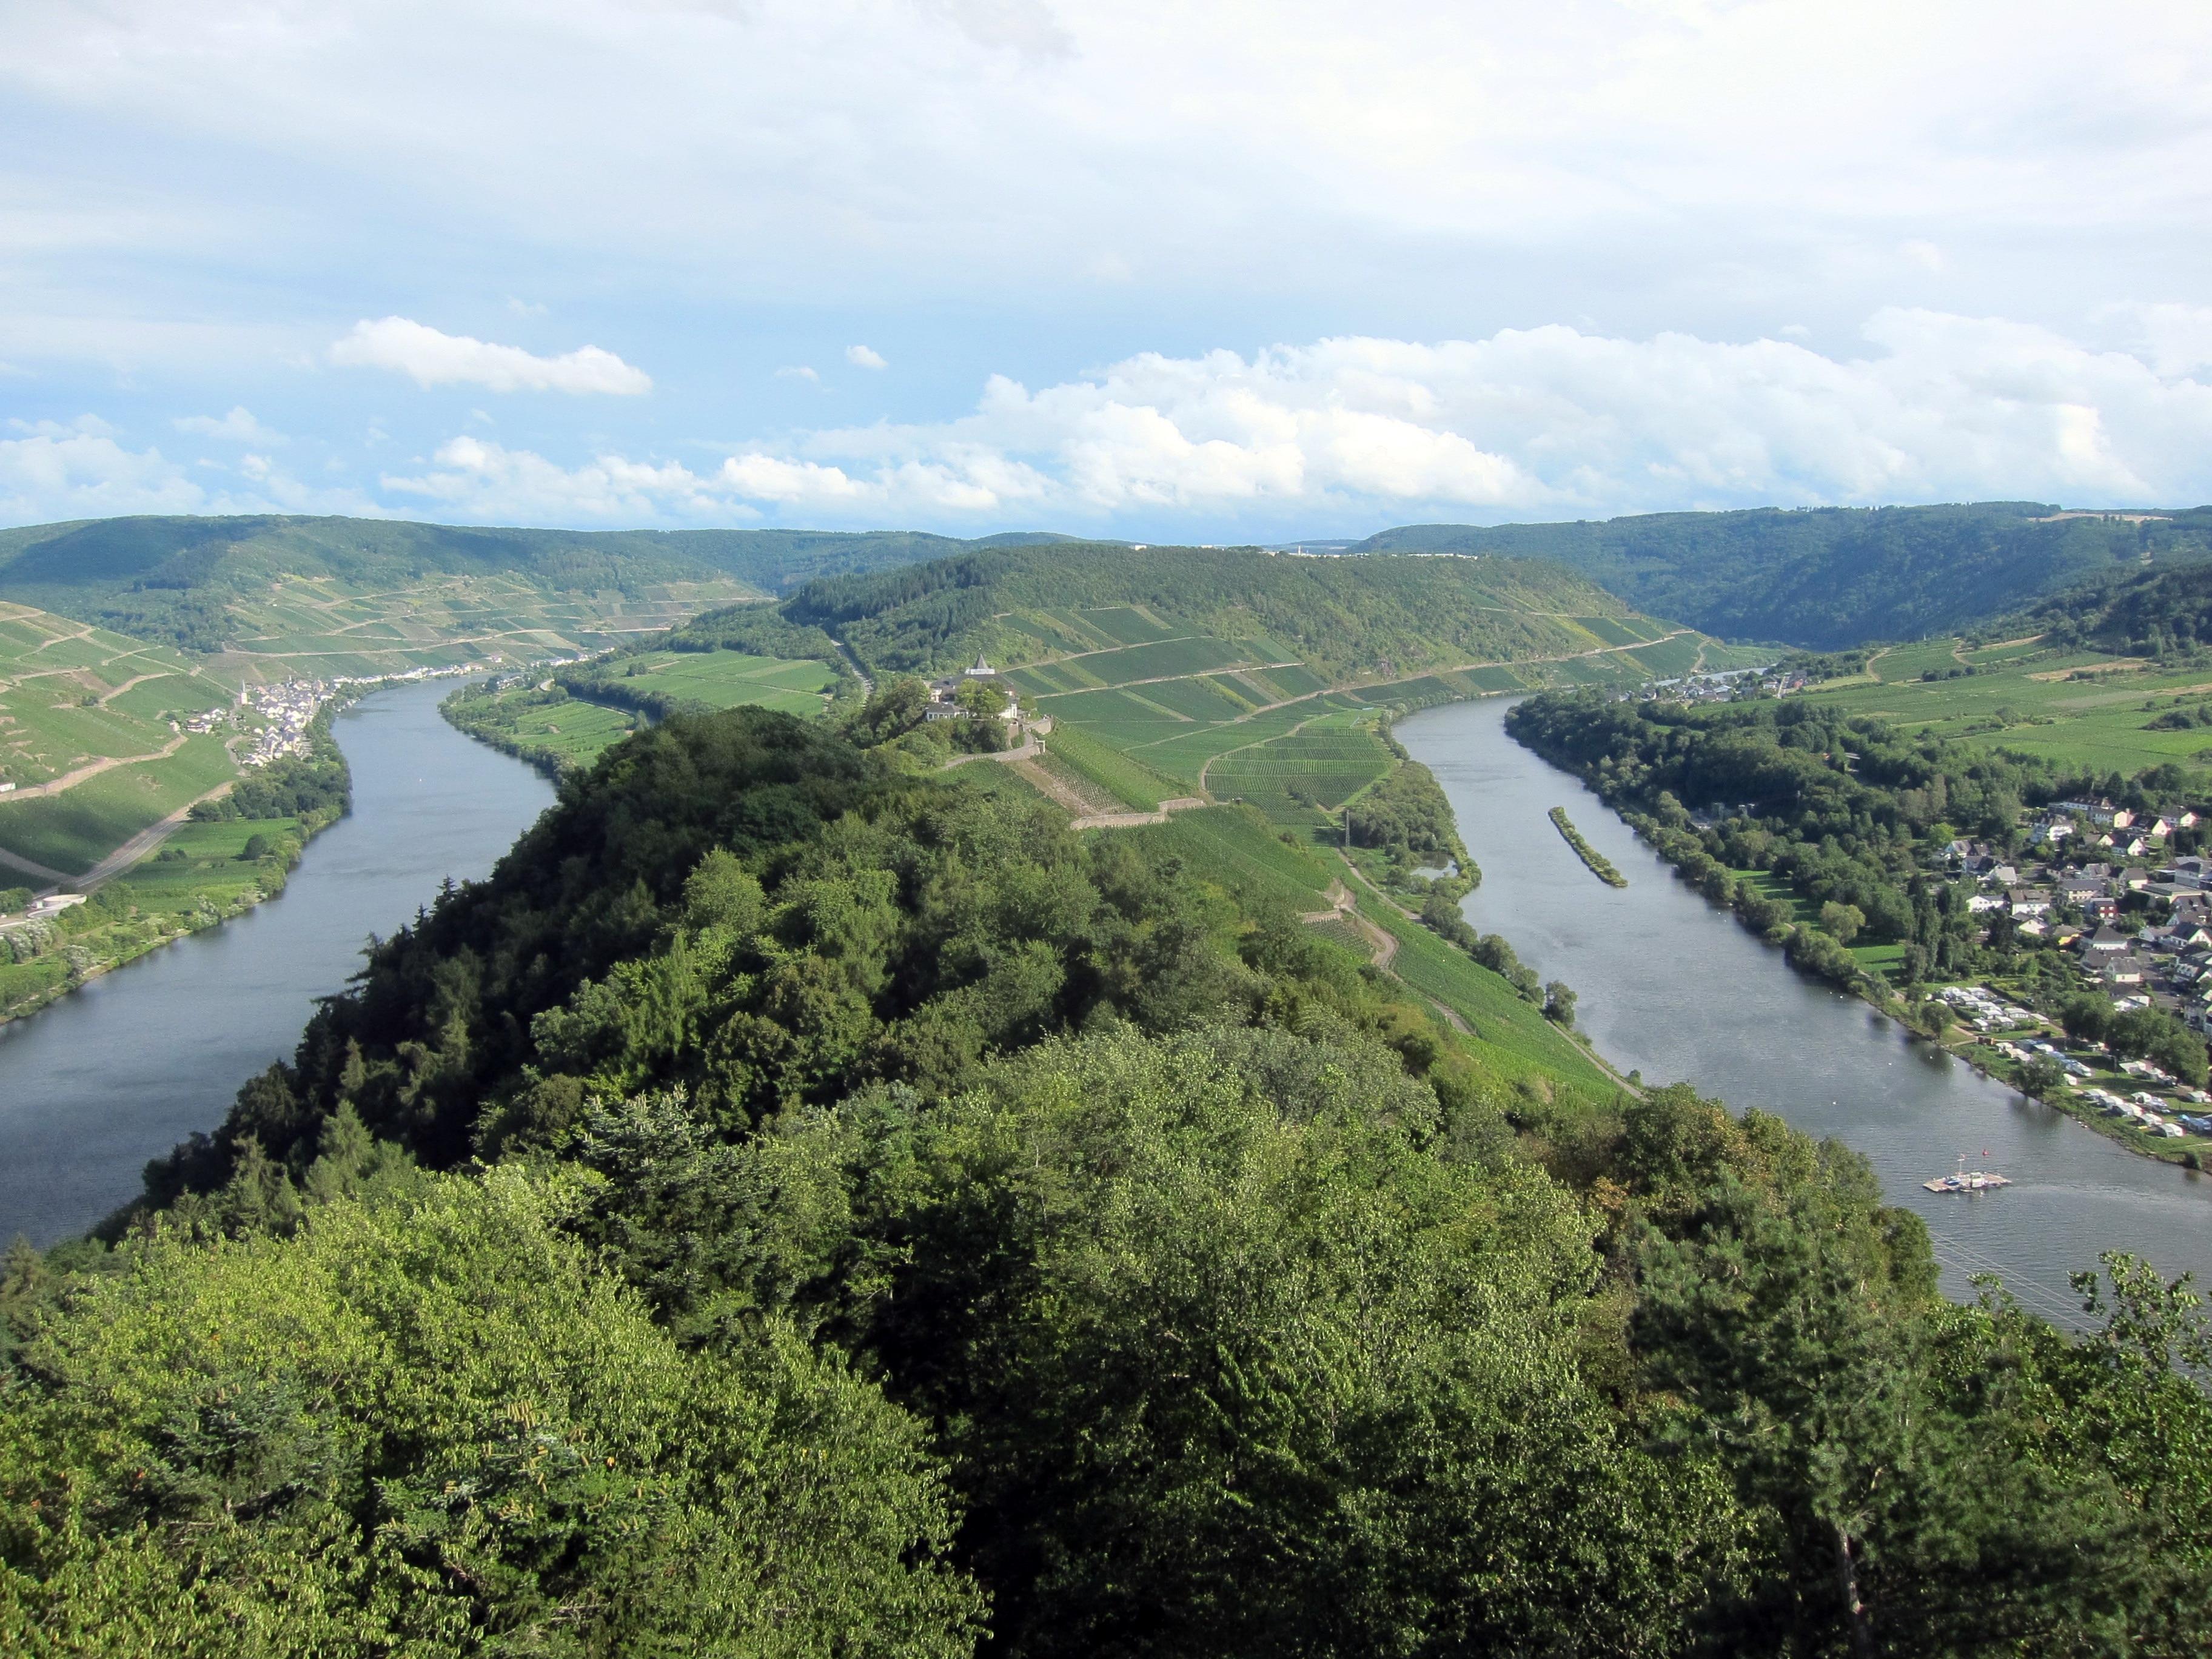 Pünderich, Rheinland-Pfalz